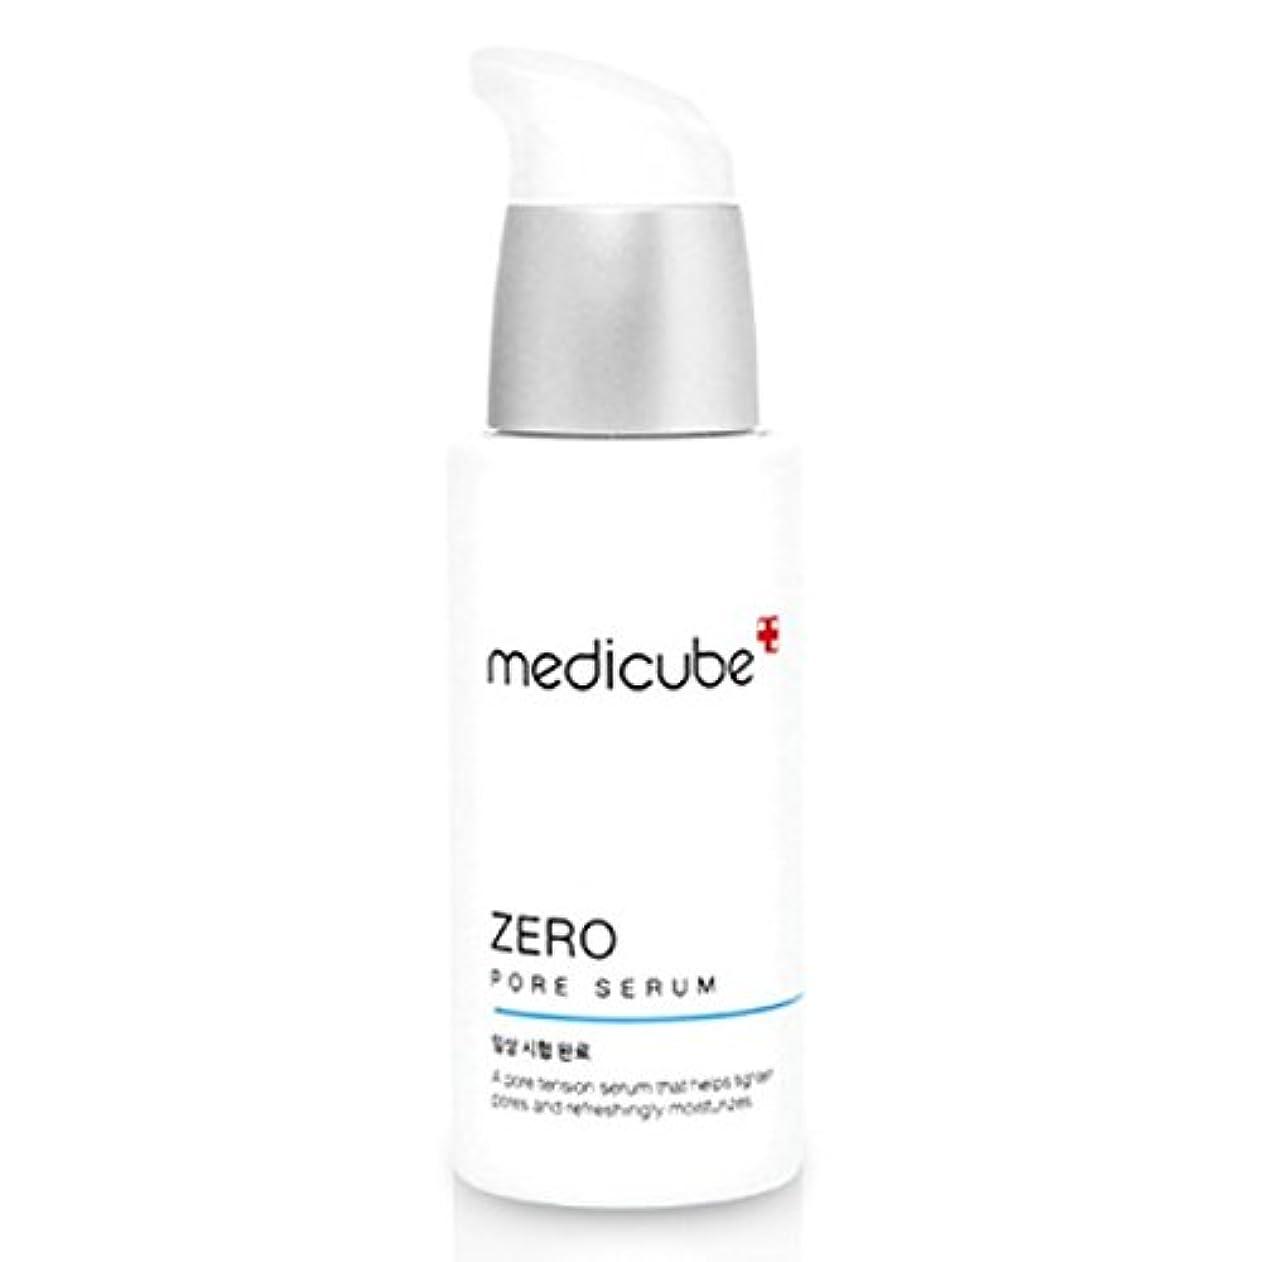 引き潮輸血告白する[Medicube メディキューブ] ゼロポアセラム 27ml / Zero Pore Serum 27ml [並行輸入品]